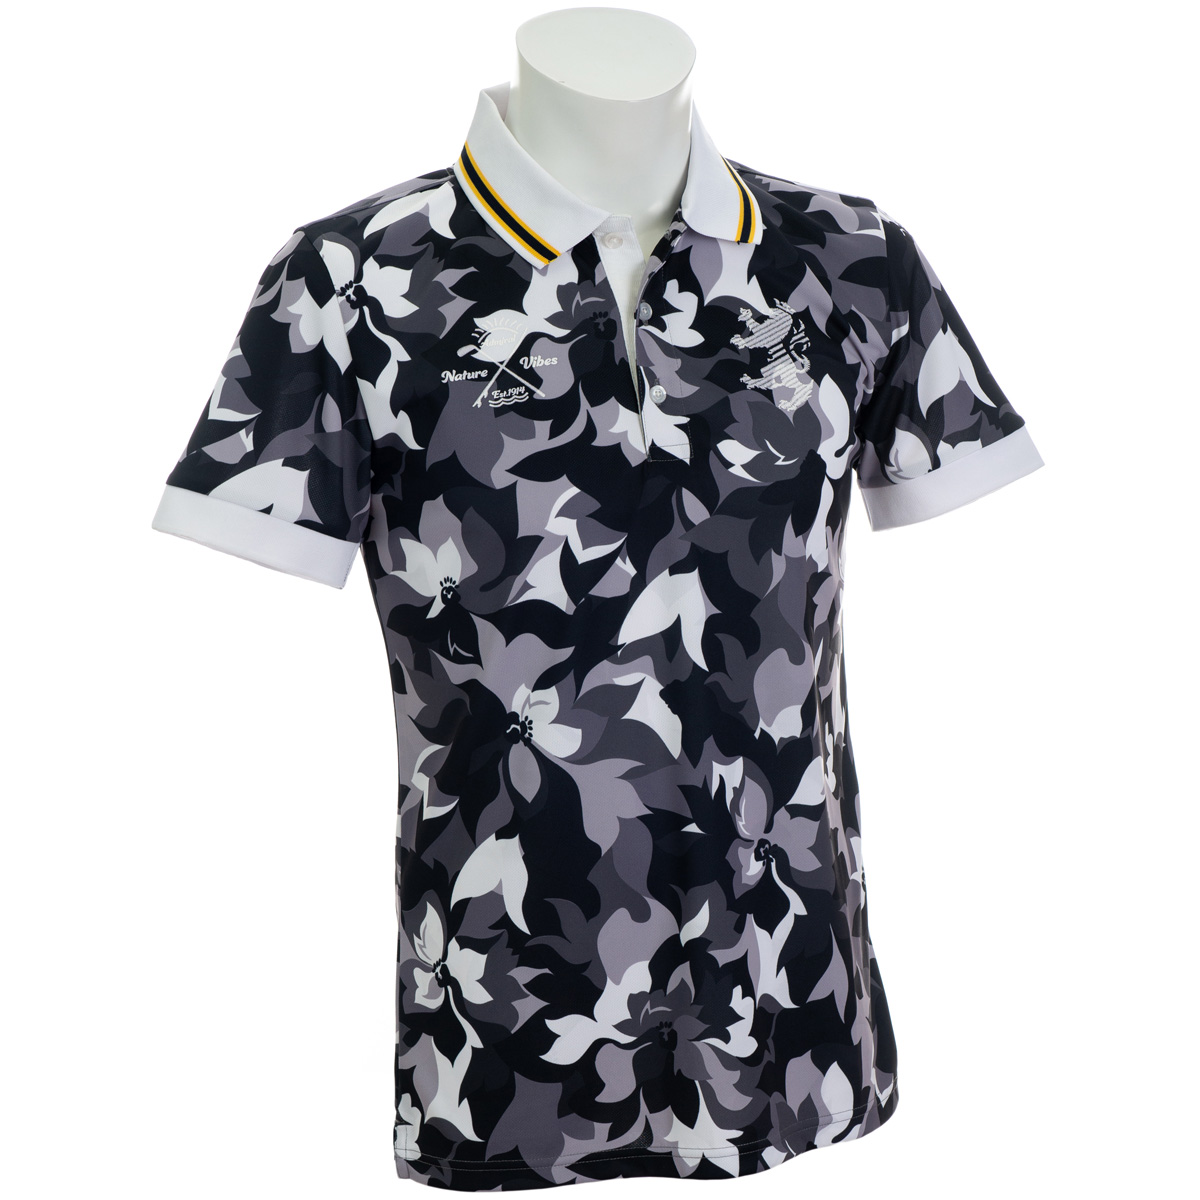 フラワーカモ柄 半袖ポロシャツ